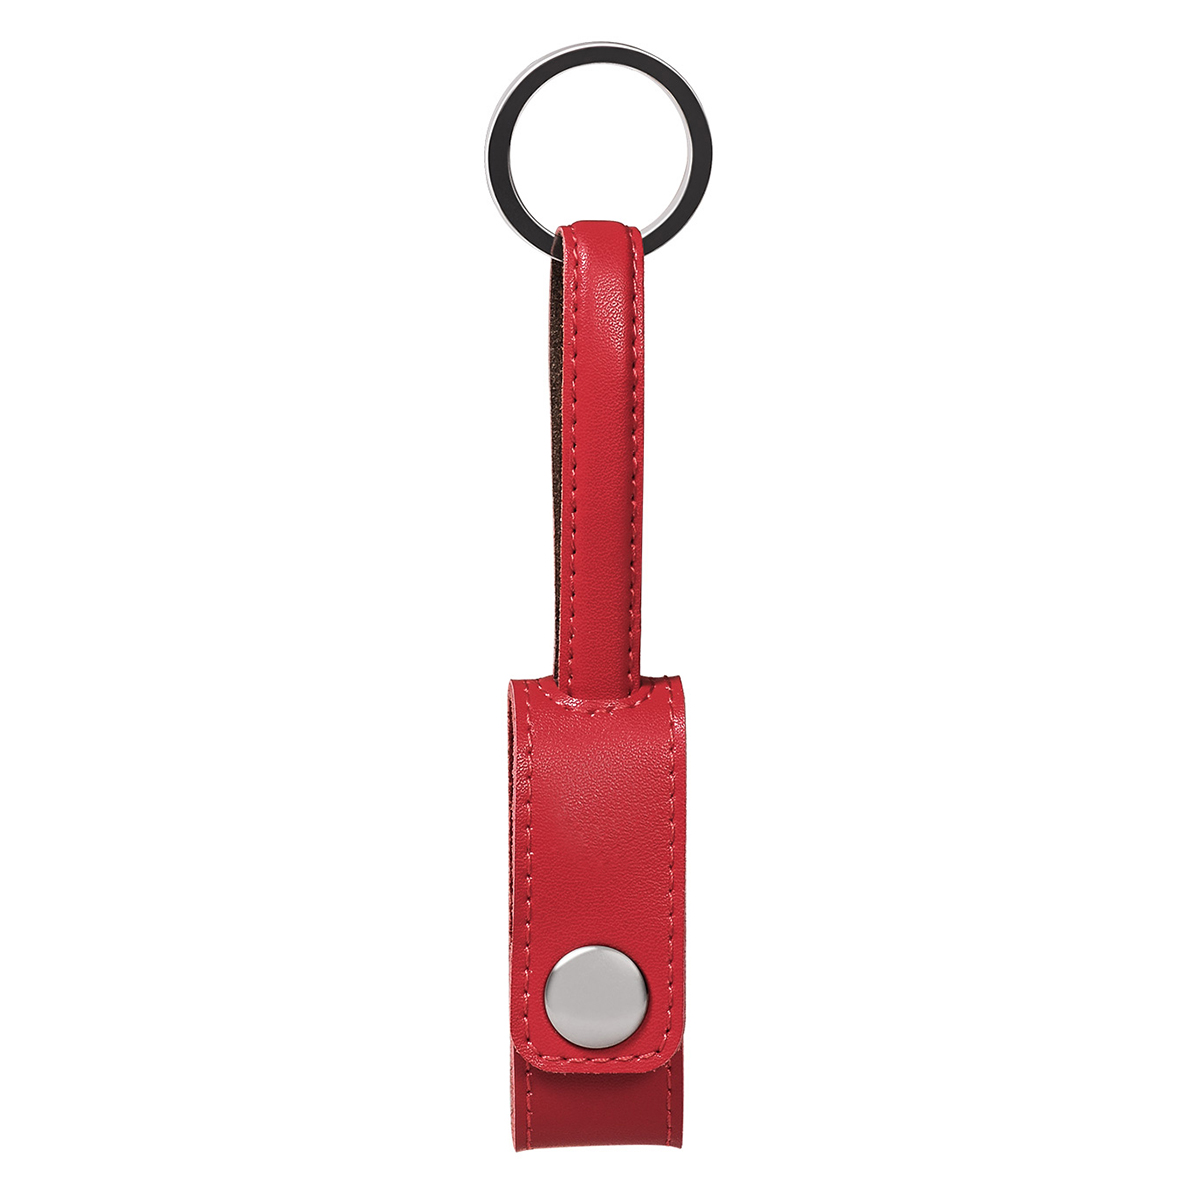 Cáp Sạc Hoco UPF04 Leather Key Chain - Hàng Chính Hãng